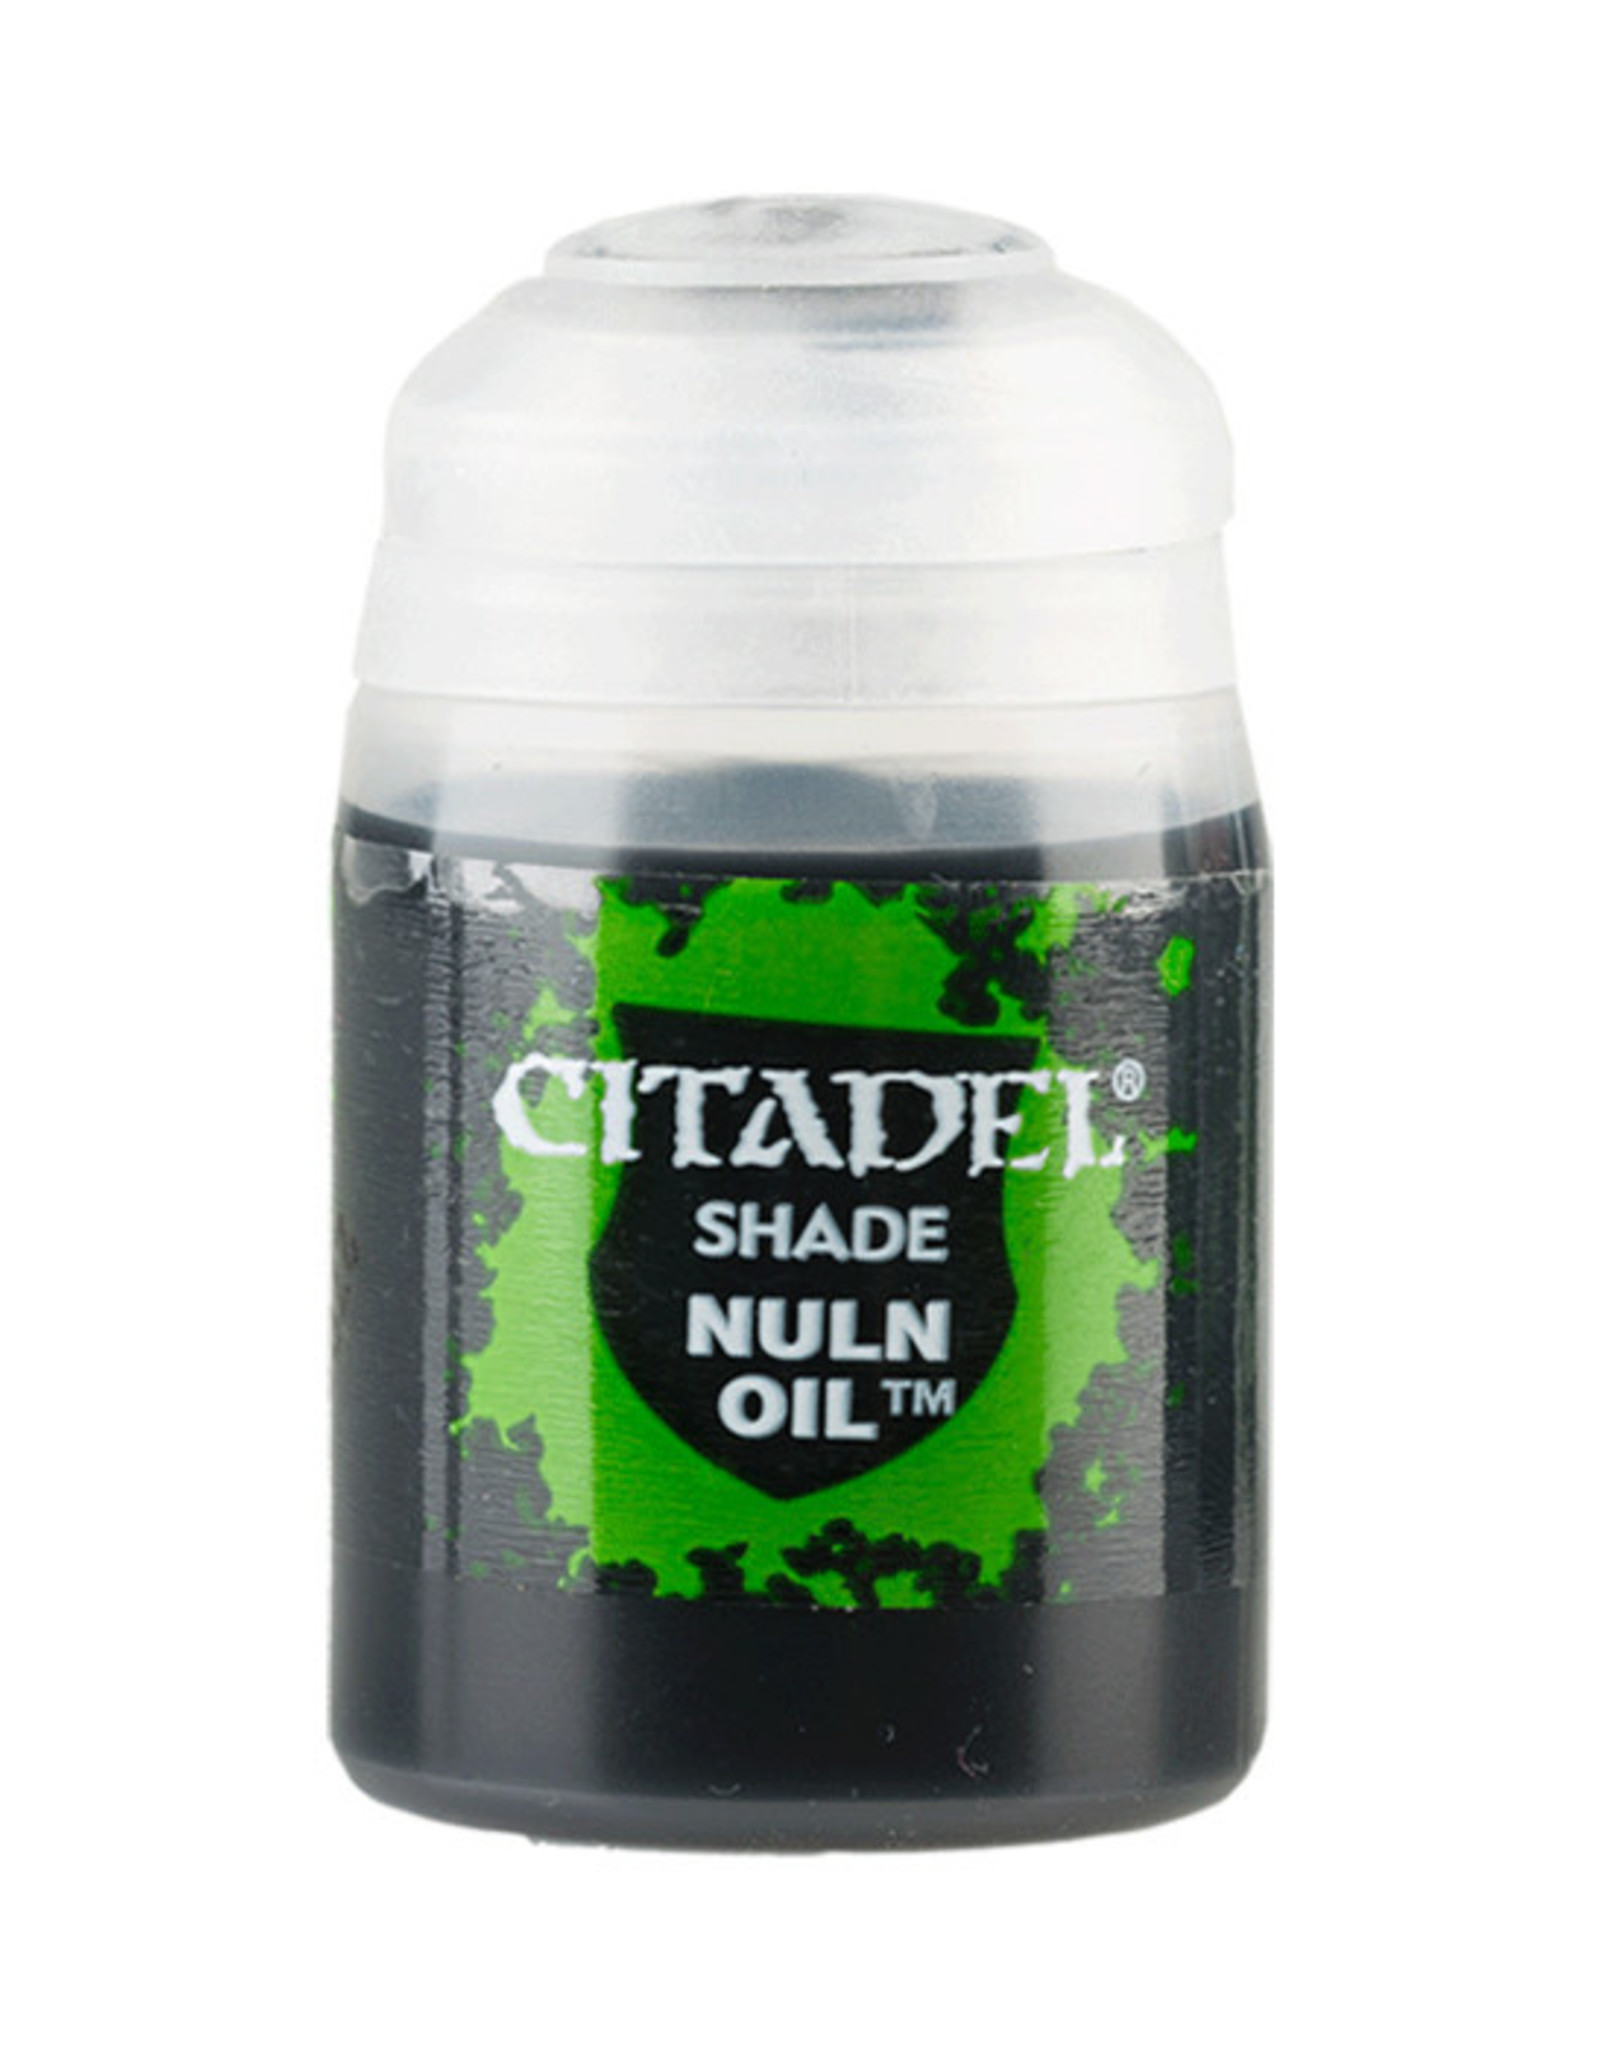 Citadel Citadel Colour: Shade - Nuln Oil